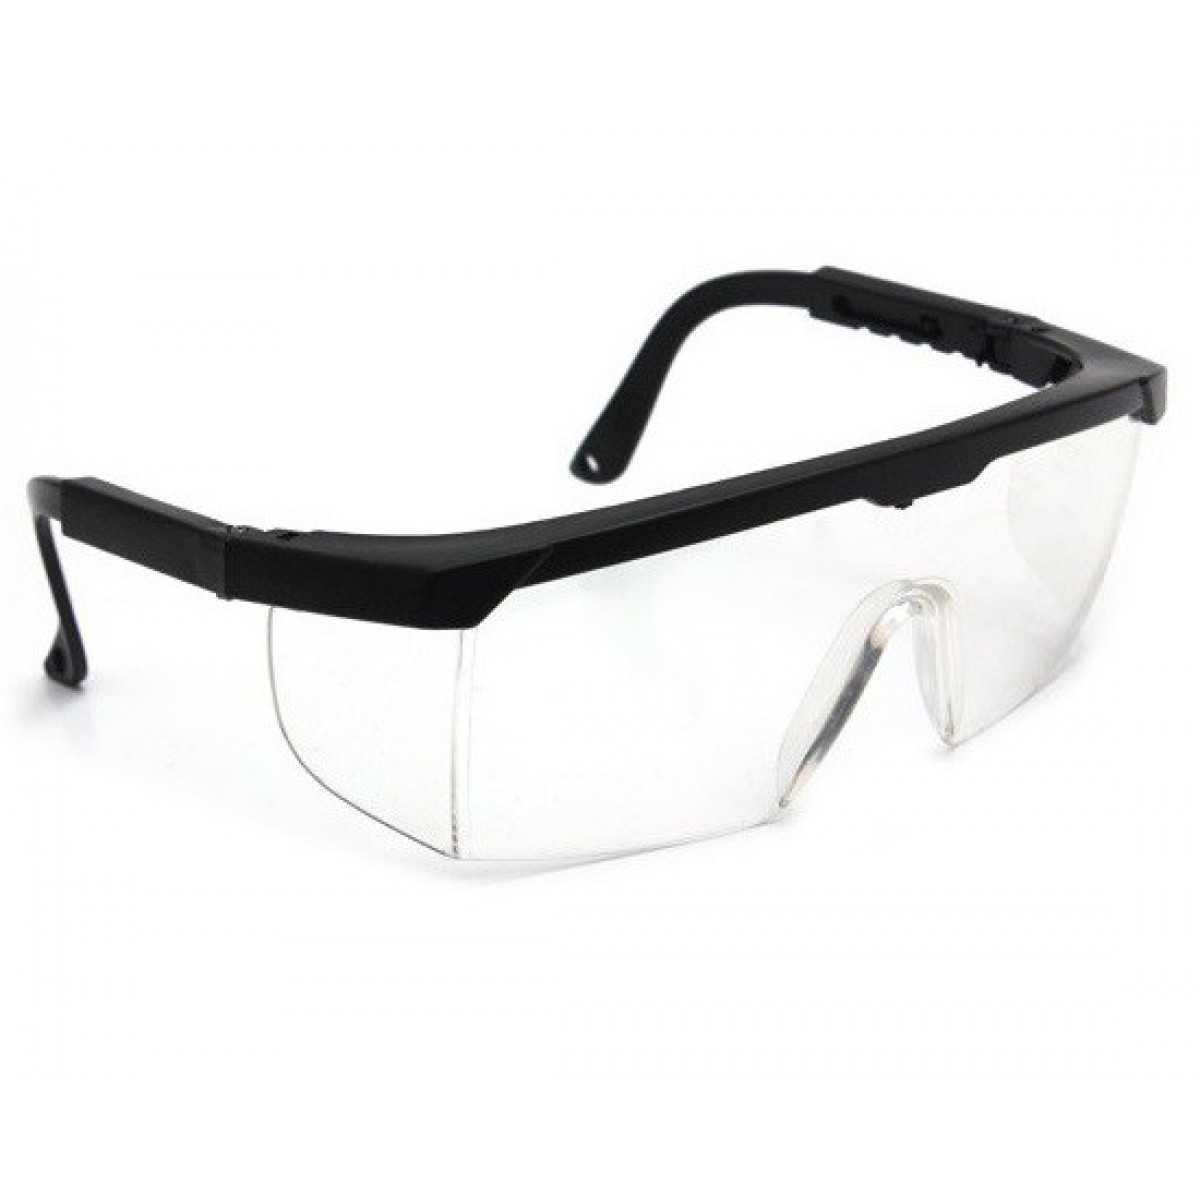 Kính bảo hộ mắt khác những loại kính thông thường ở điểm nào?